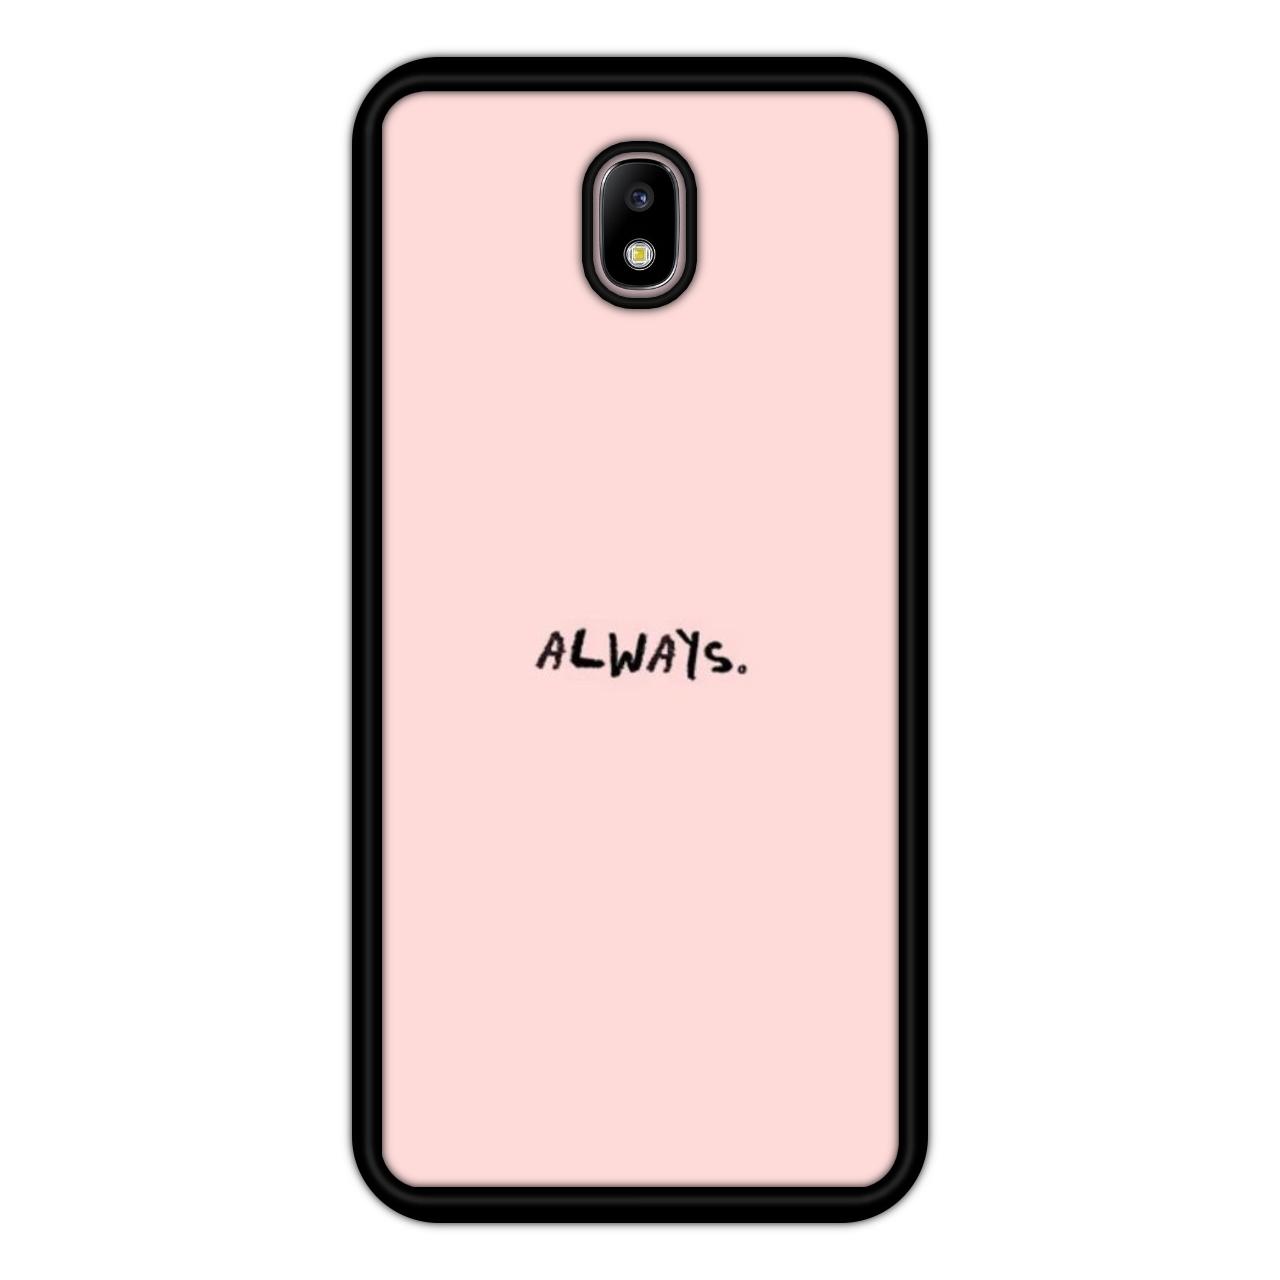 کاور آکام مدل AJ7Pro0967 مناسب برای گوشی موبایل سامسونگ Galaxy J7Pro